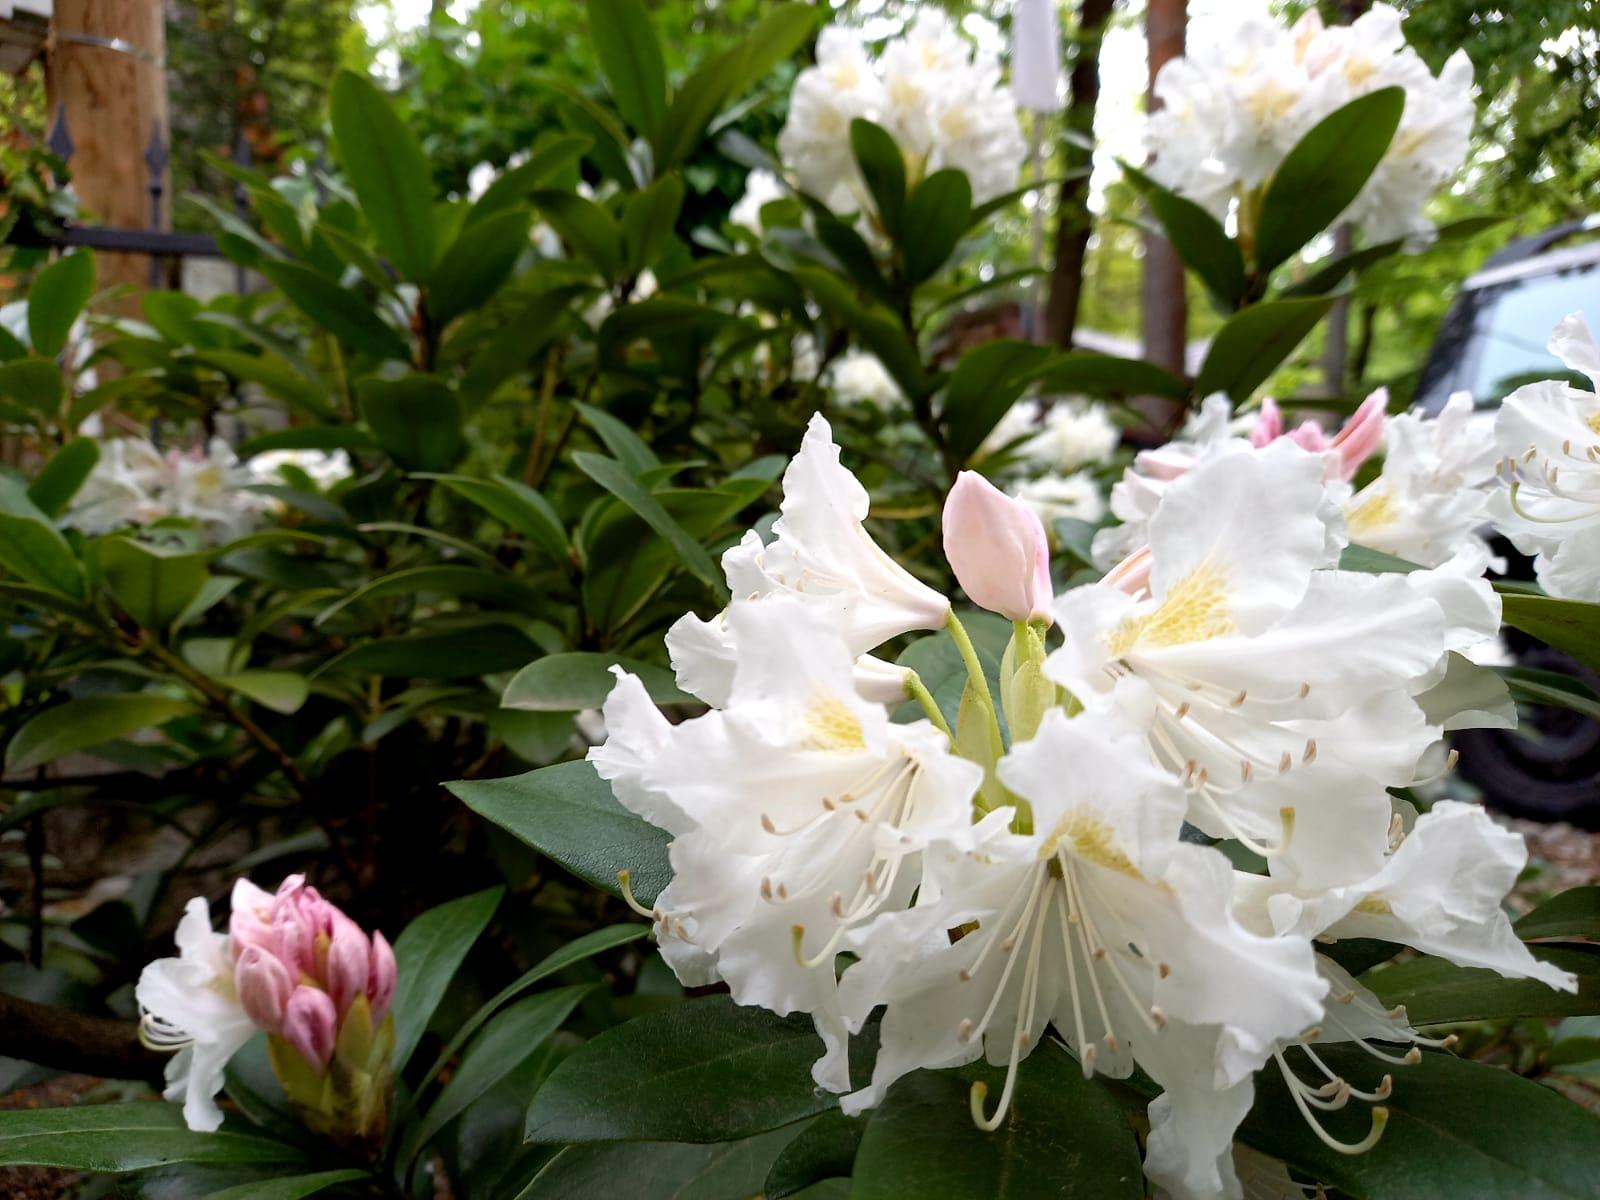 Môj malý kúsok raja😊 - Naše zdedené už asi aj 20 ročné rododendrony nám robia každý rok veľkú radosť😍